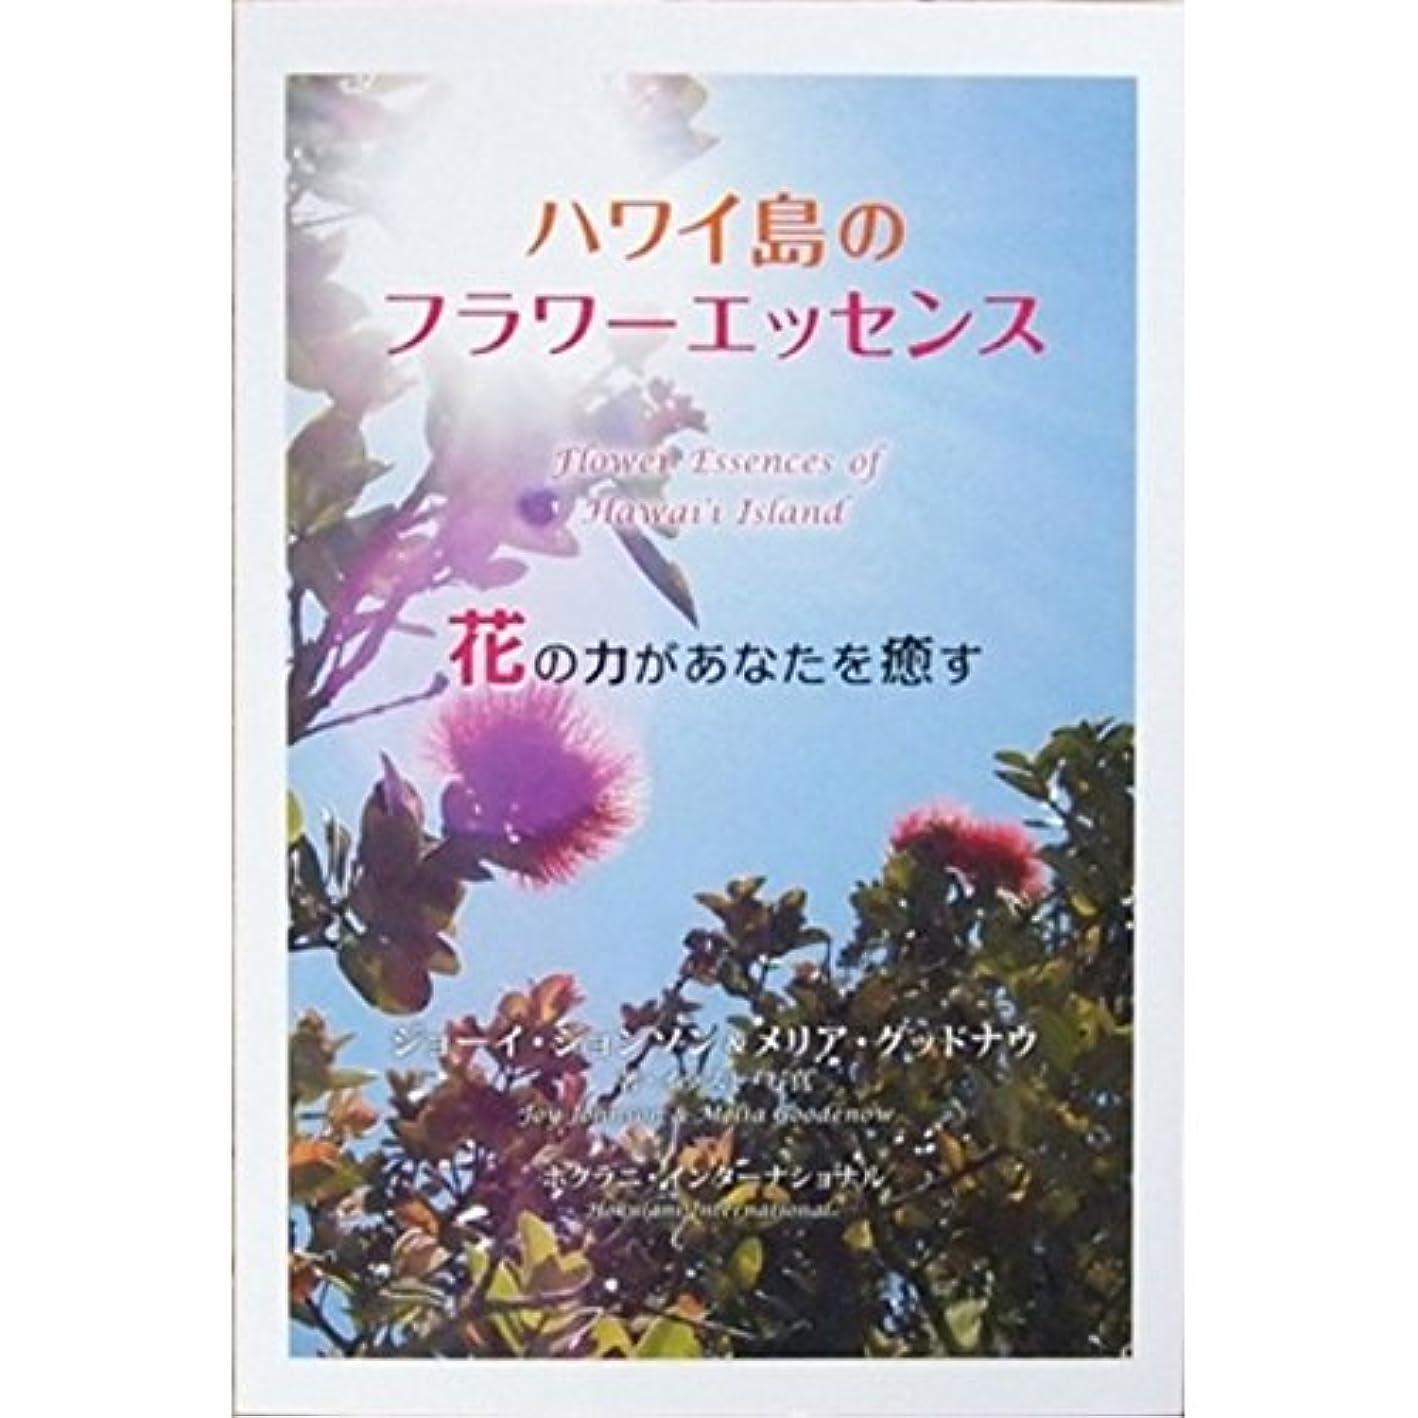 可動メダル中でハワイアン レインフォレスト ナチュラルズ 書籍『ハワイ島のフラワーエッセンス 花の力があなたを癒す』